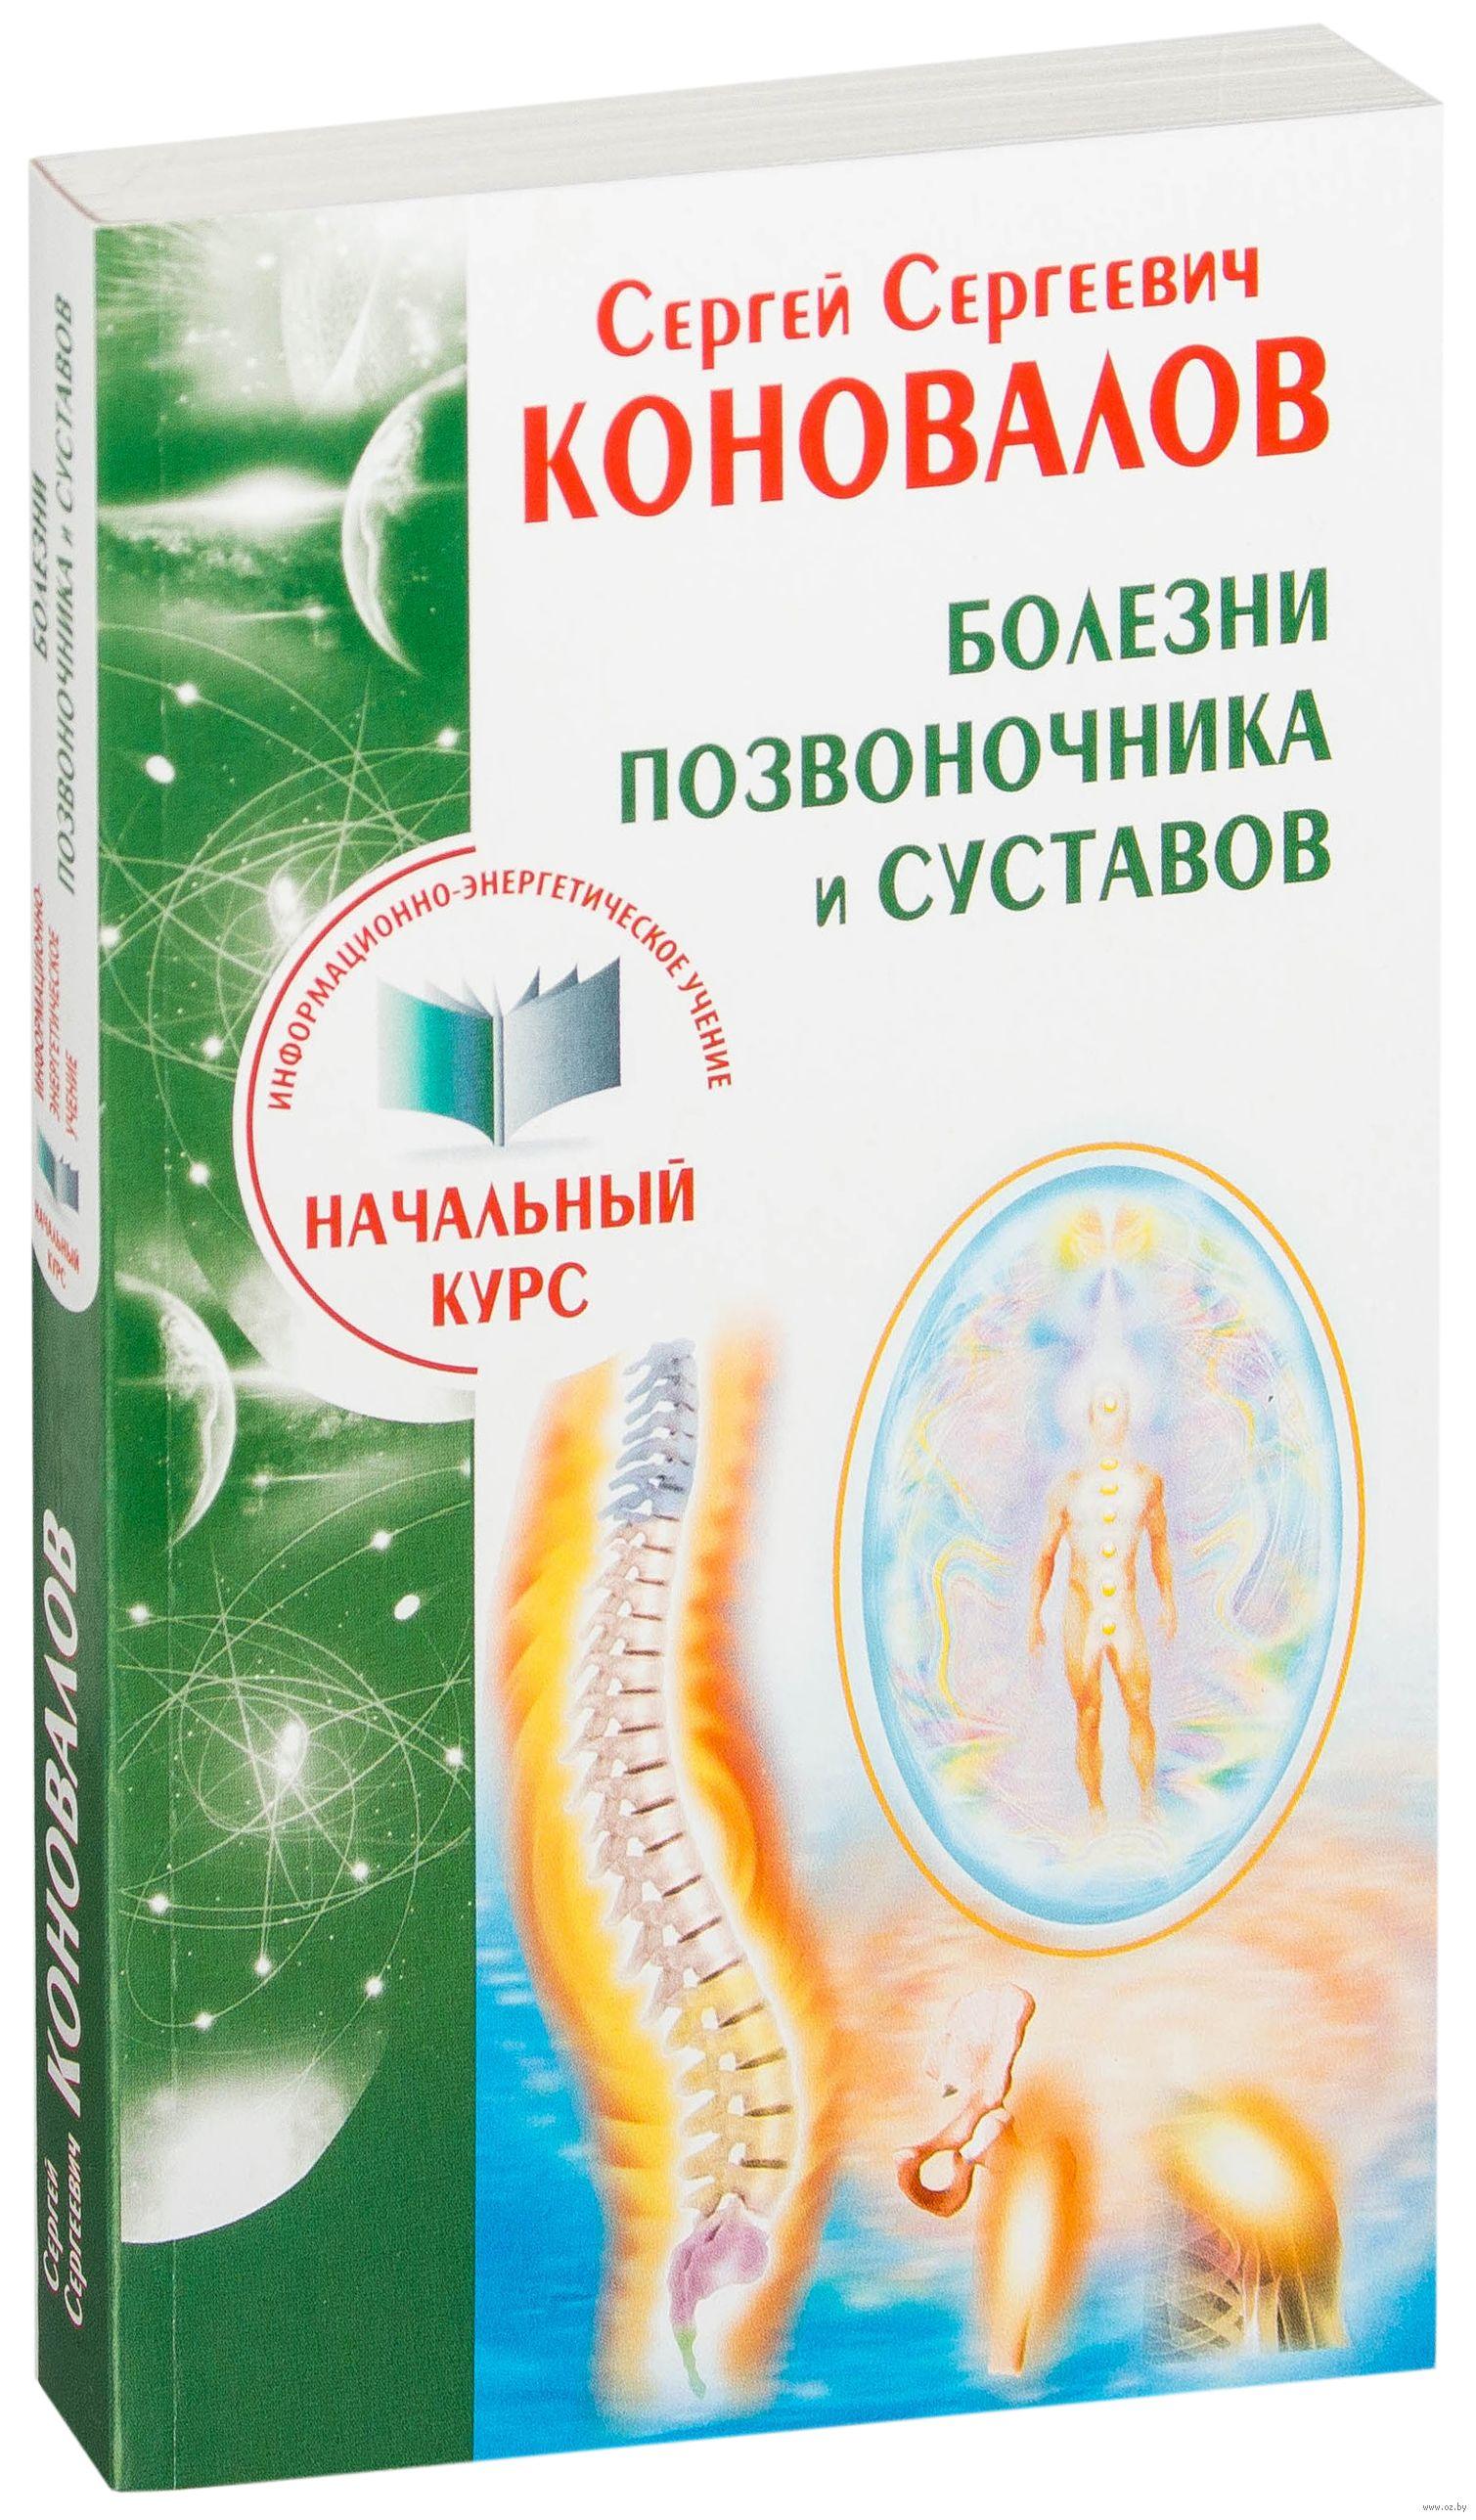 Сергей коновалов болезни позвоночника суставов и всего организма протезизование коленного сустава в санкт-петербурге